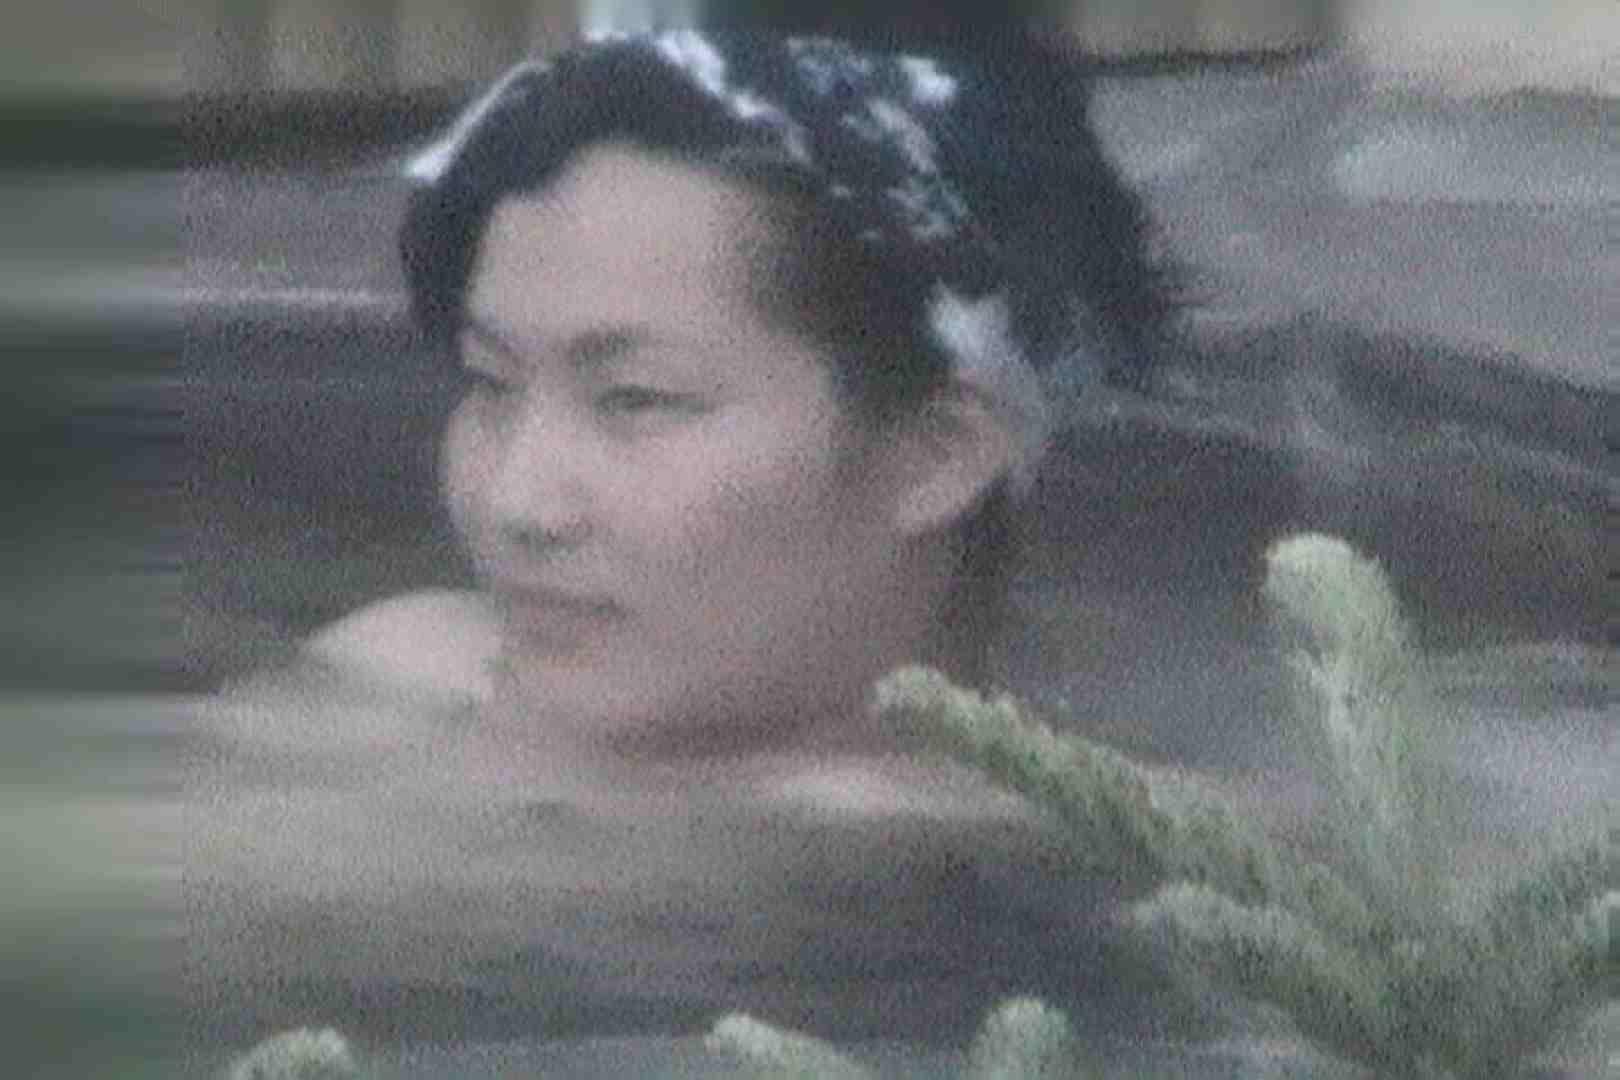 Aquaな露天風呂Vol.103 盗撮シリーズ  94PIX 26